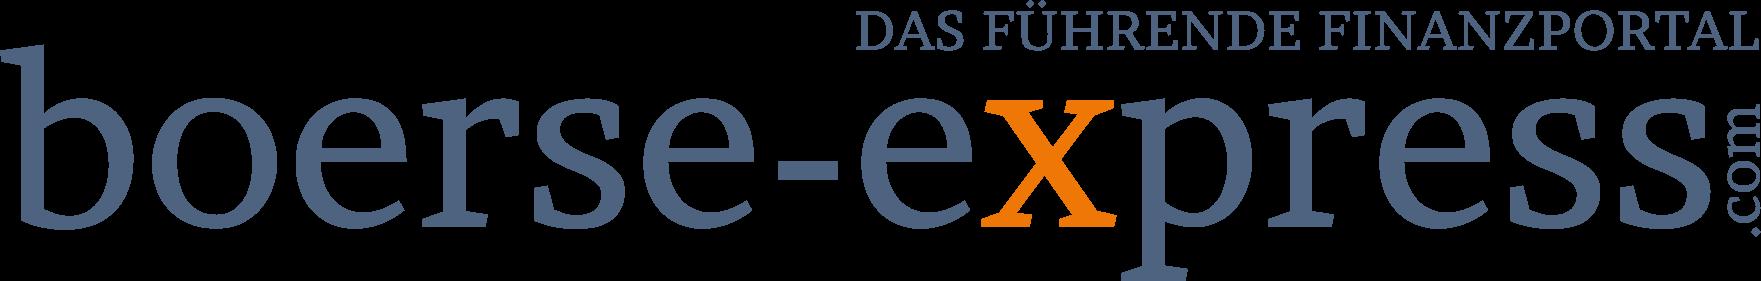 elite partner log in österreicher